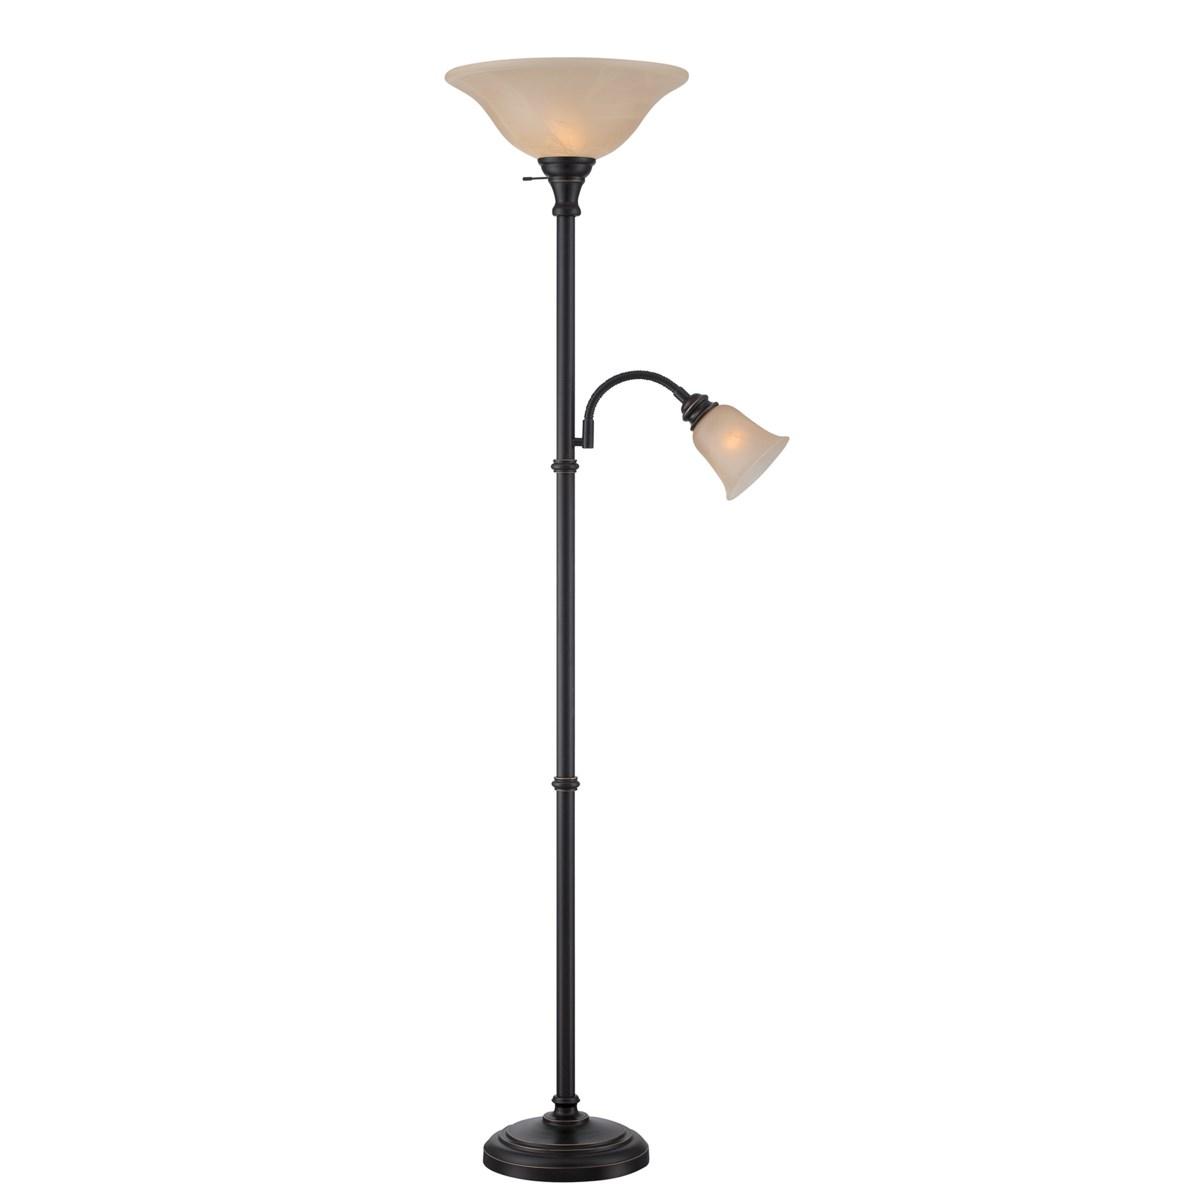 HENLEY TORCH LAMP